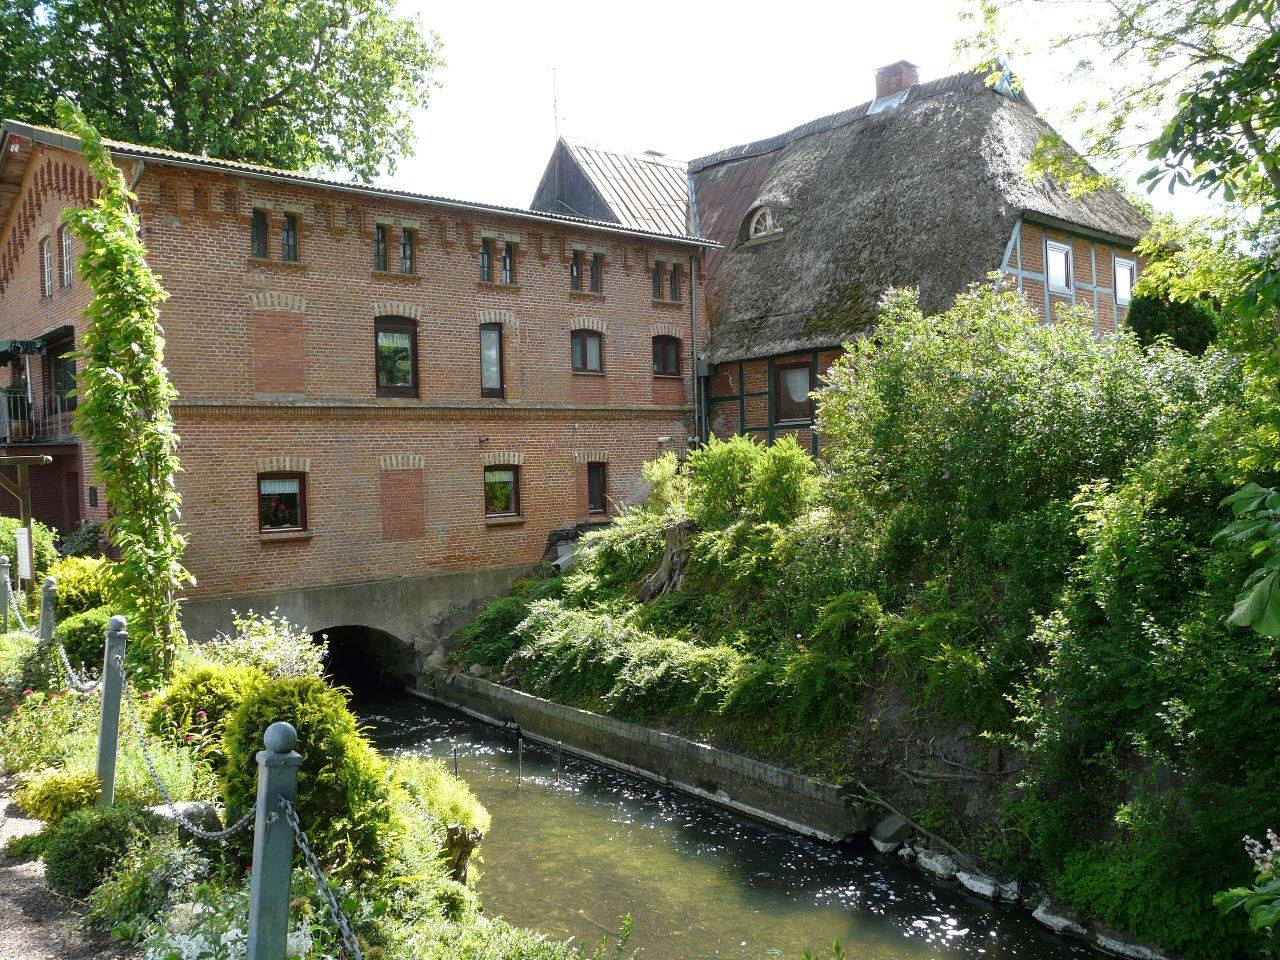 Perdoeler Mühle